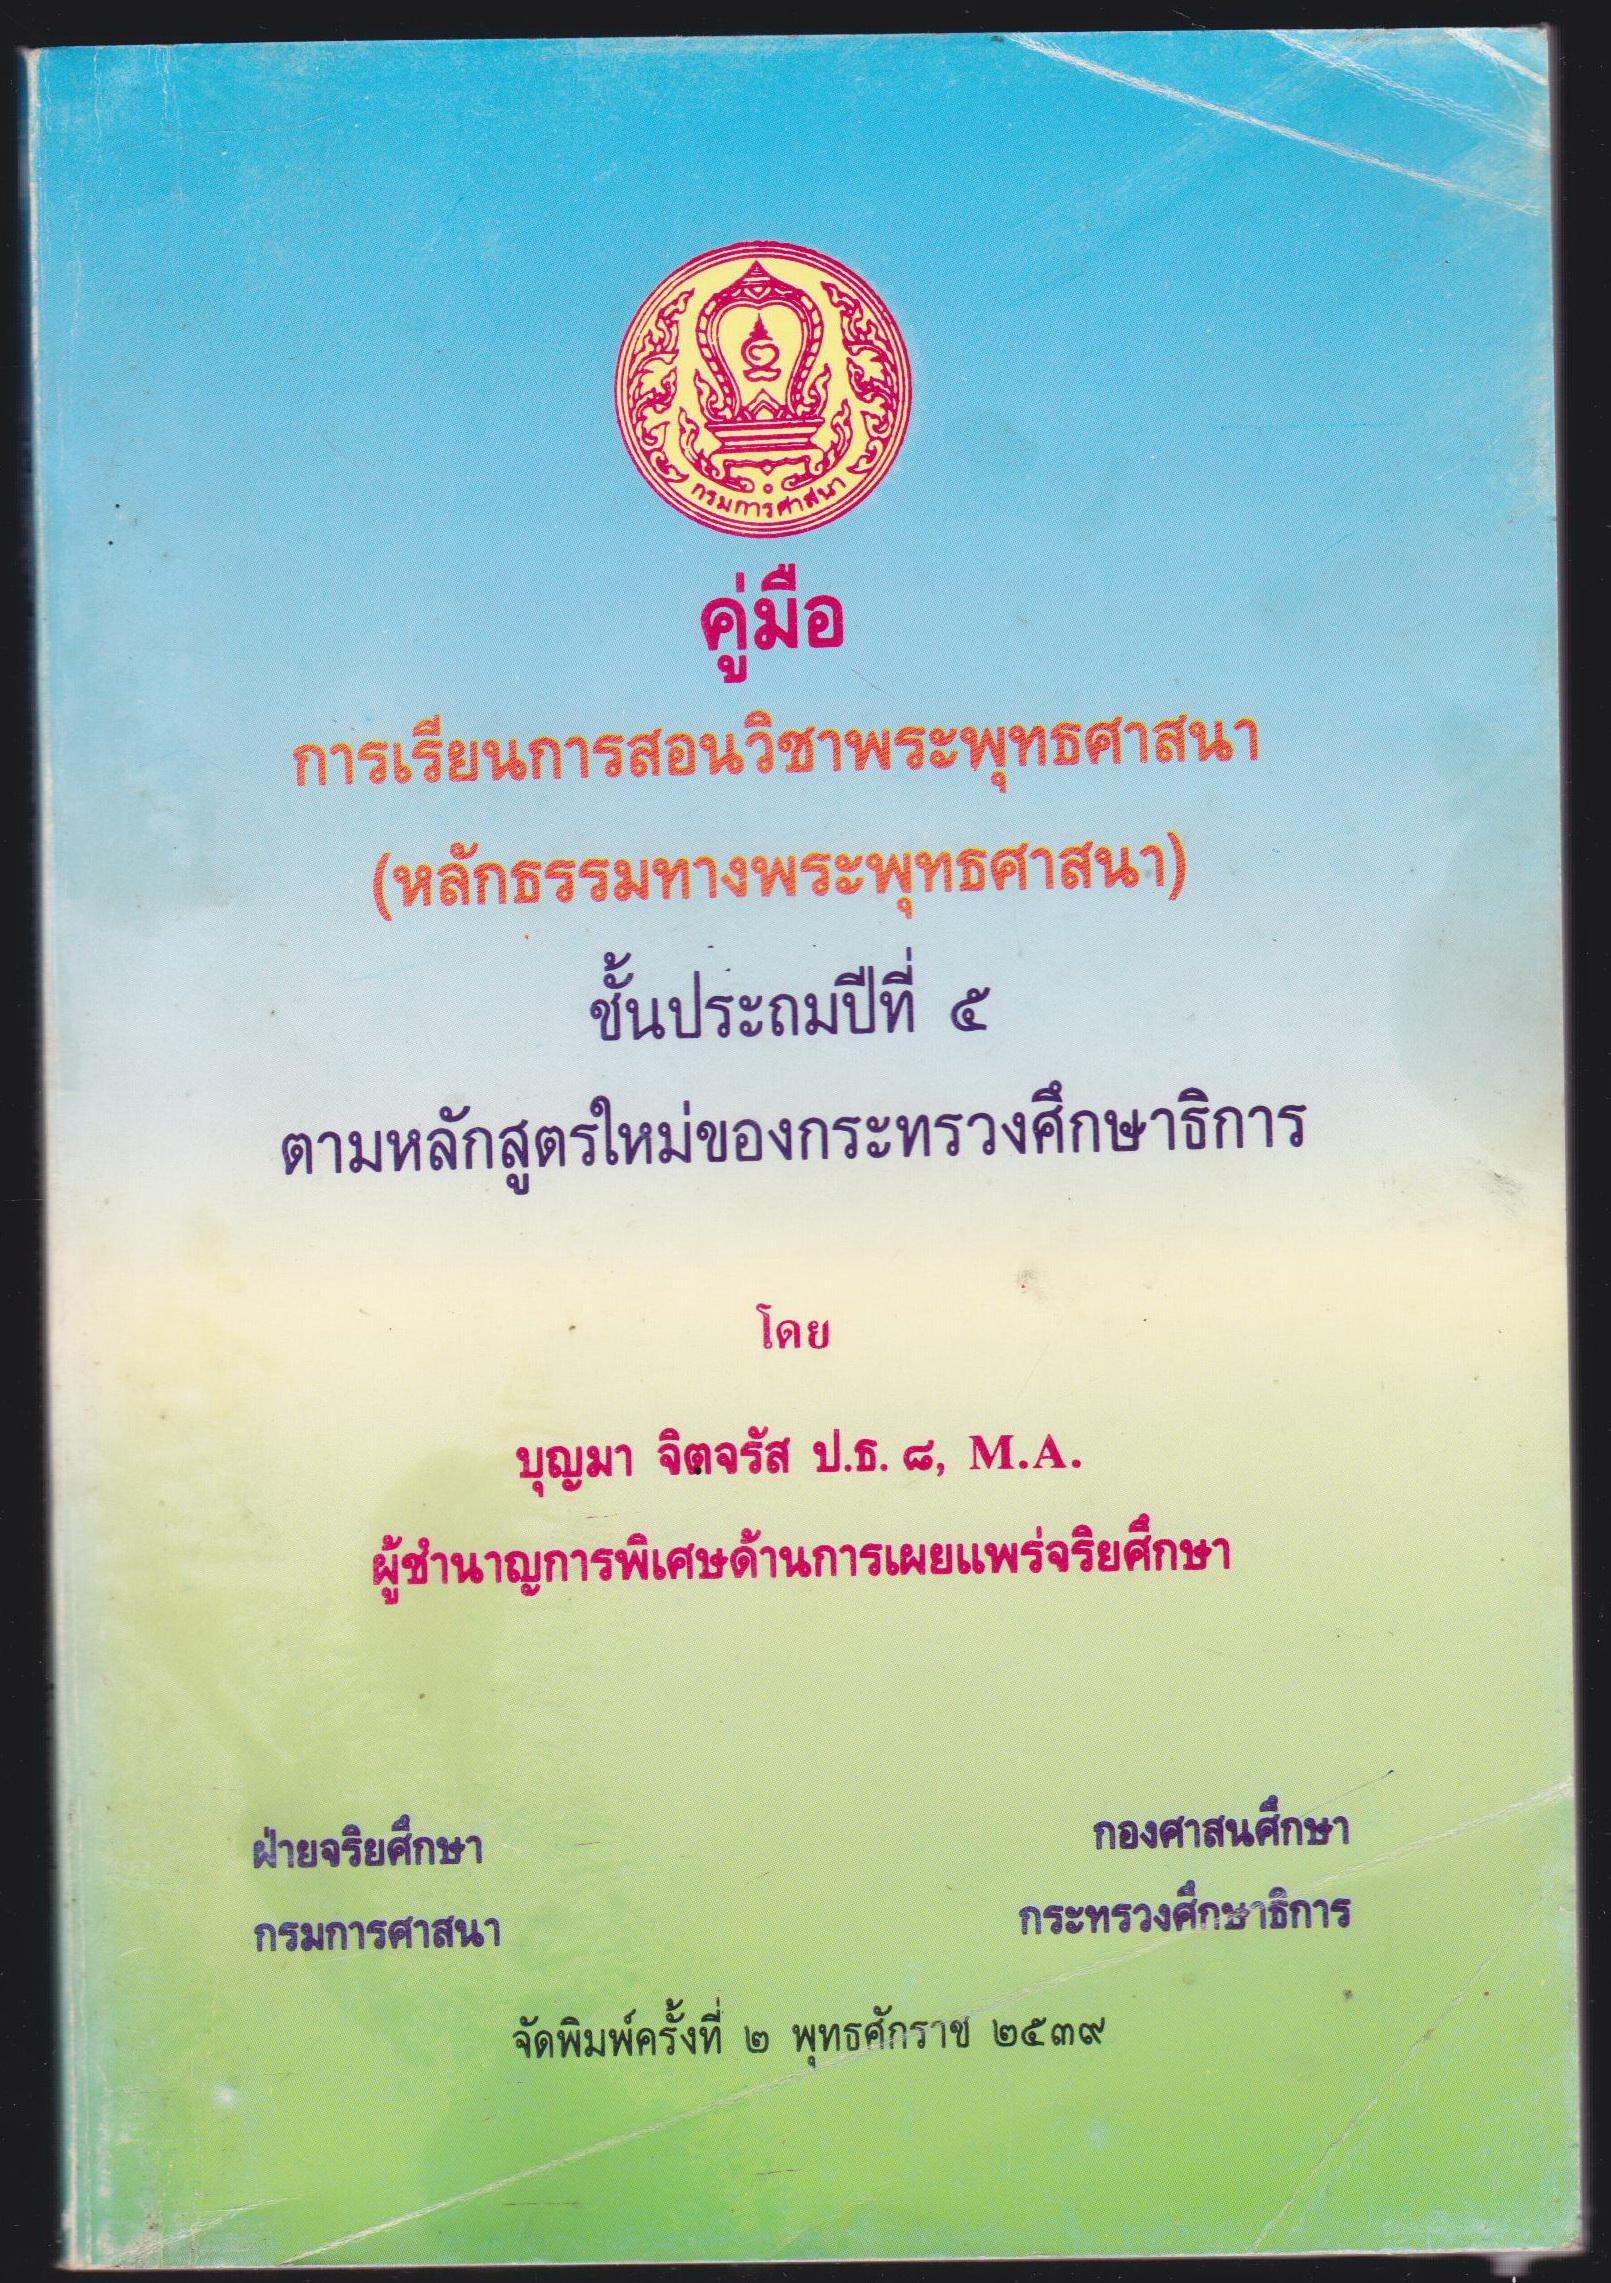 คู่มือการเรียนการสอนวิชาพระพุทธศาสนา (หลักธรรมทางพระพุทธศาสนา) ชั้นประถมปีที่ 5 ตามหลักสูตรใหม่ของกระทรวงศึกษาธิการ